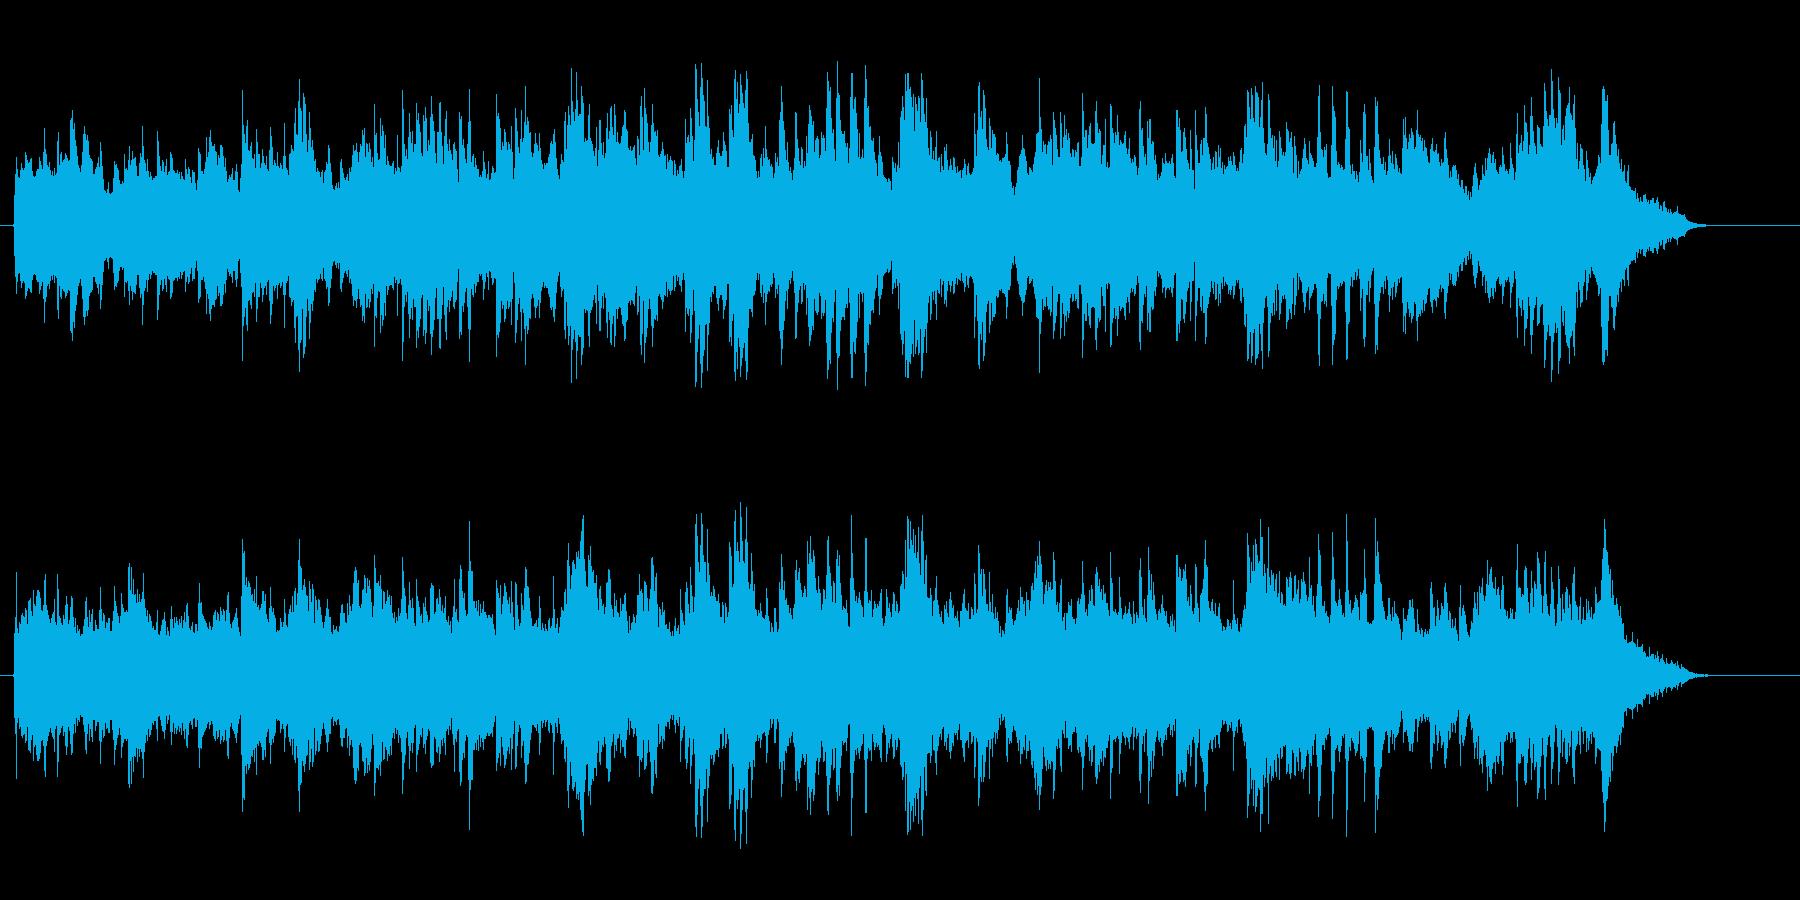 宇宙的な環境音楽風ピアノアコースティックの再生済みの波形